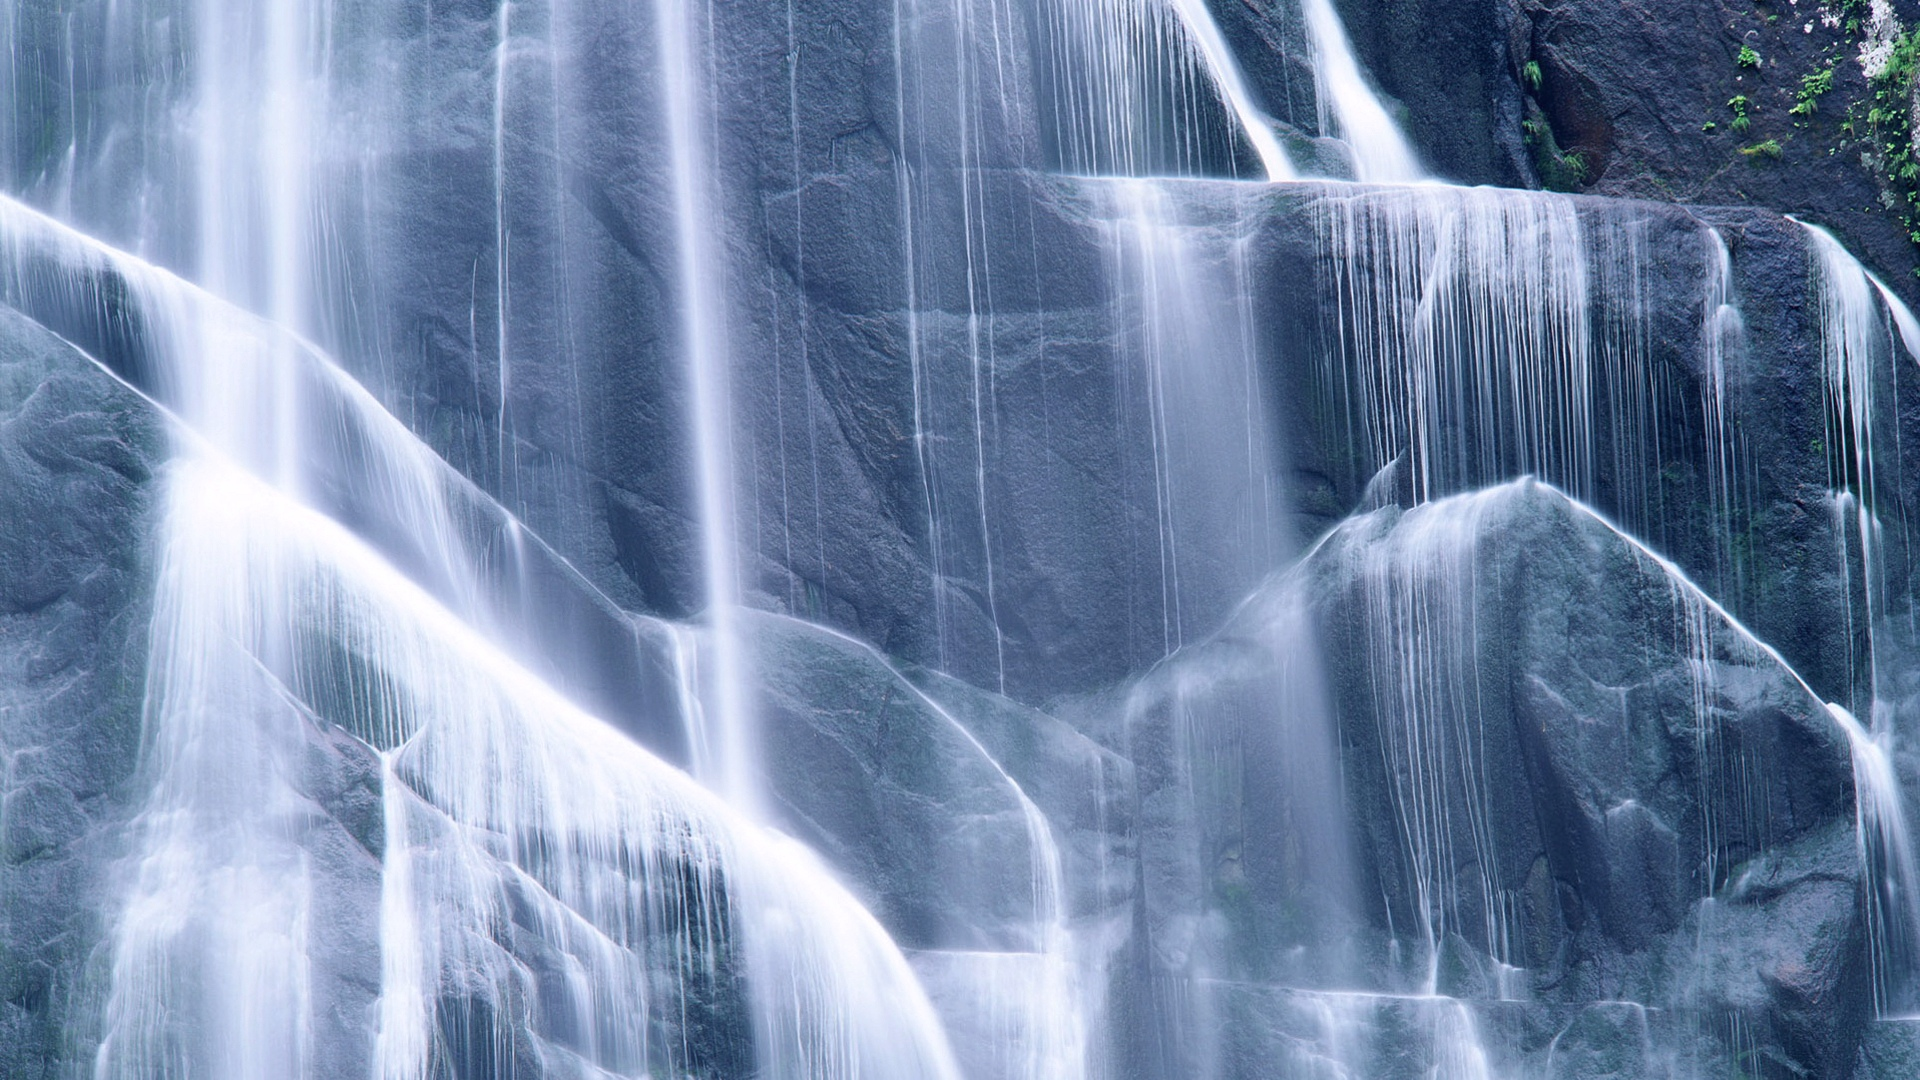 Wasserfall full hd wallpaper and hintergrund 1920x1080 for Immagini full hd 1920x1080